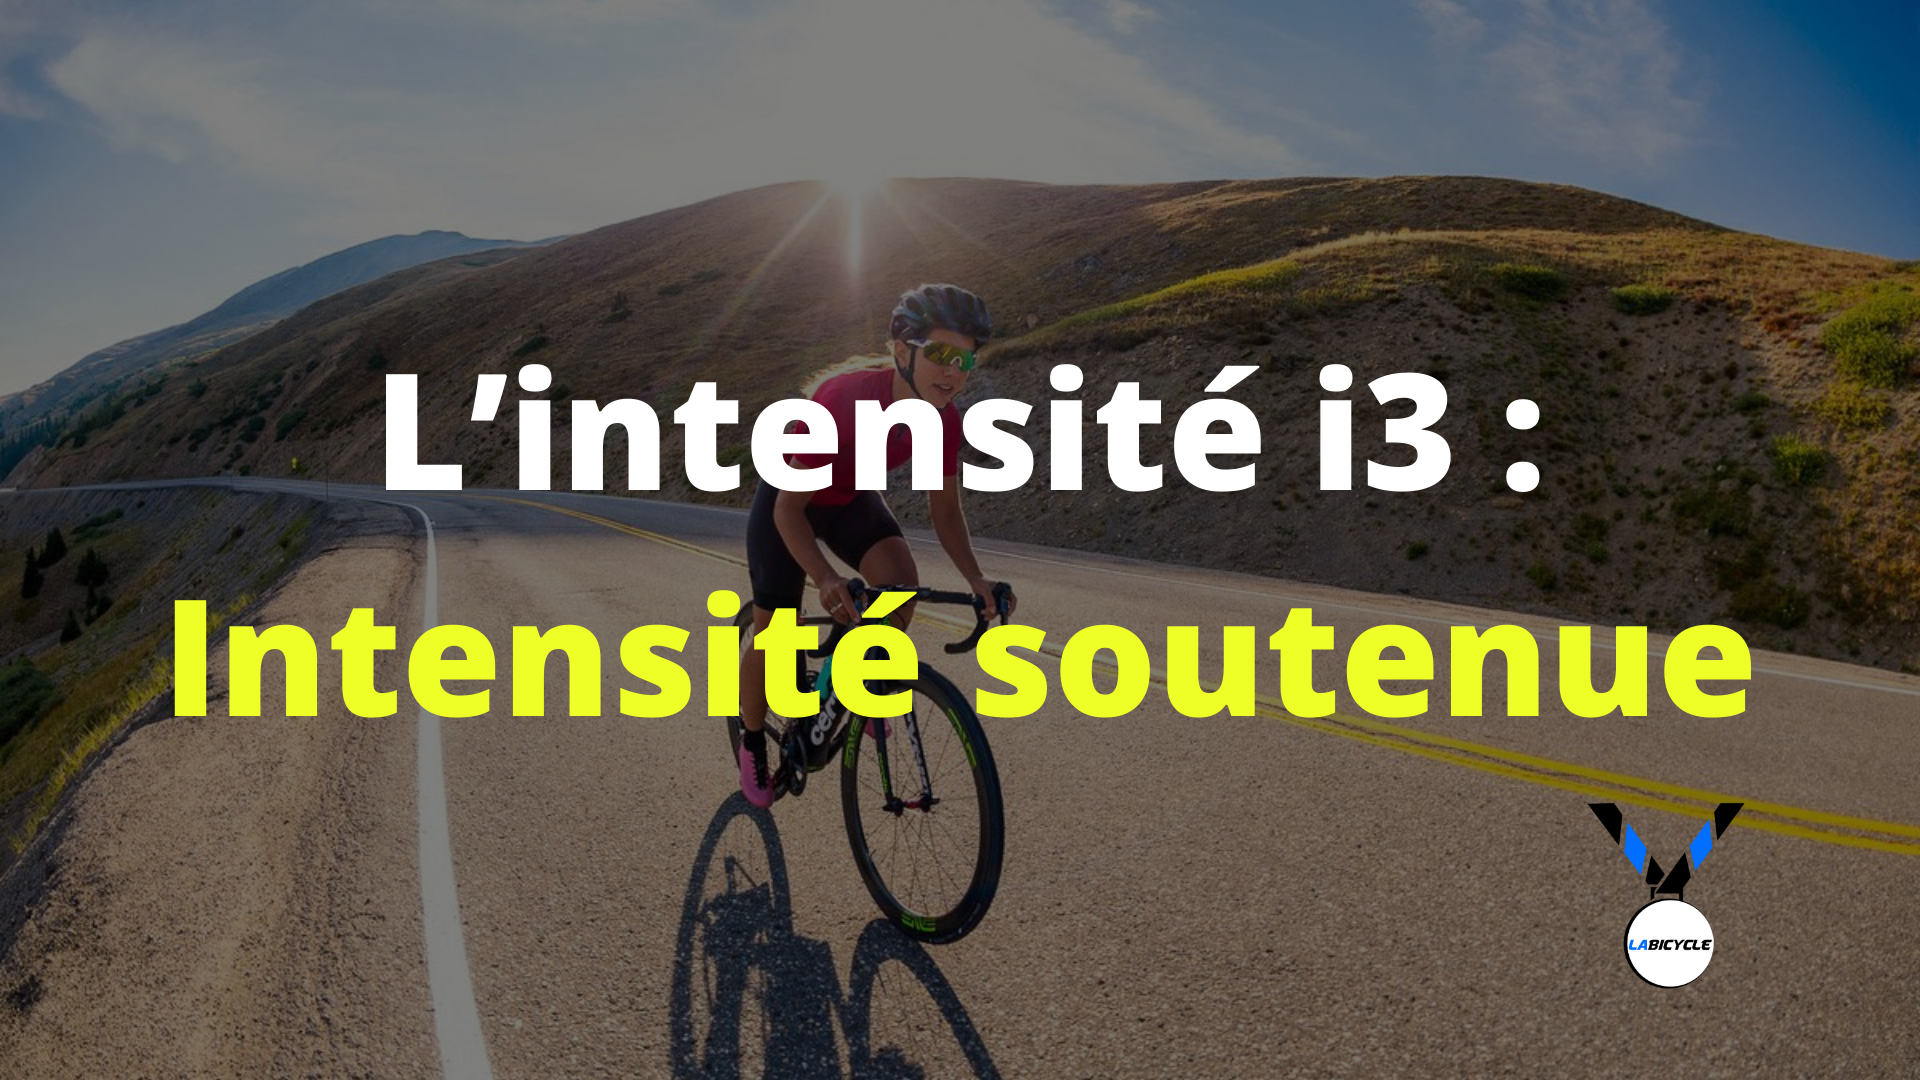 L'intensité i3 : Intensité soutenue